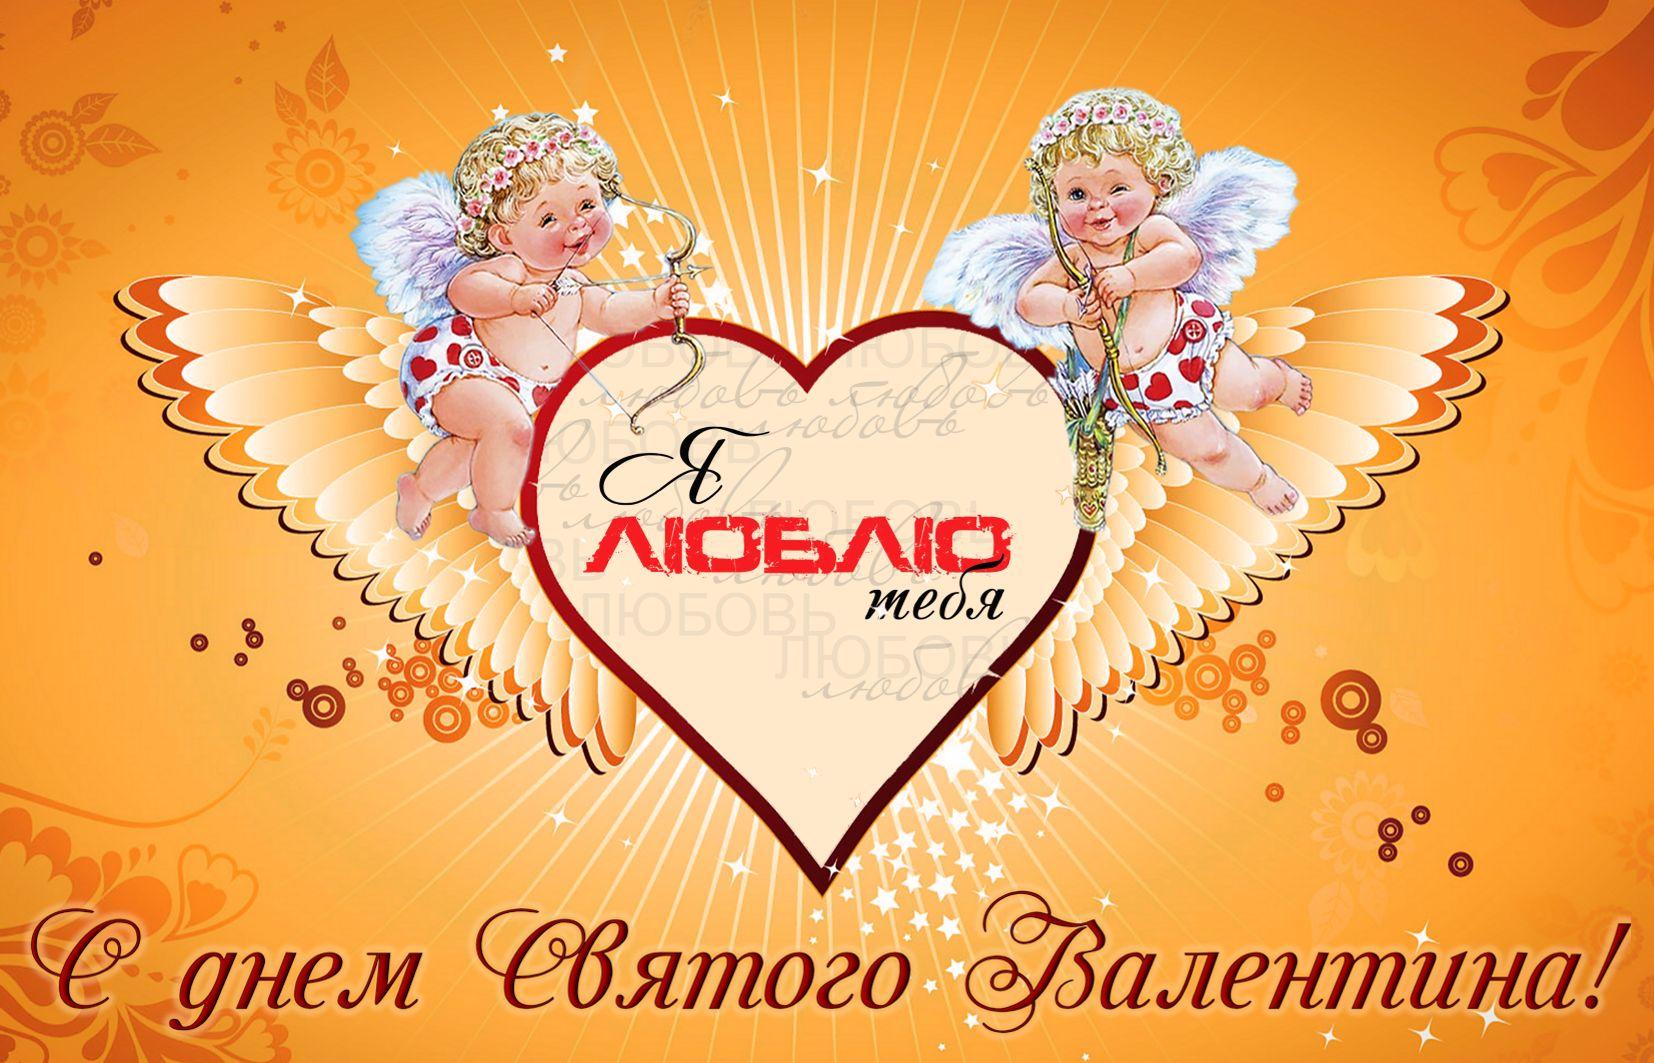 Яндекс открытки с днем валентина